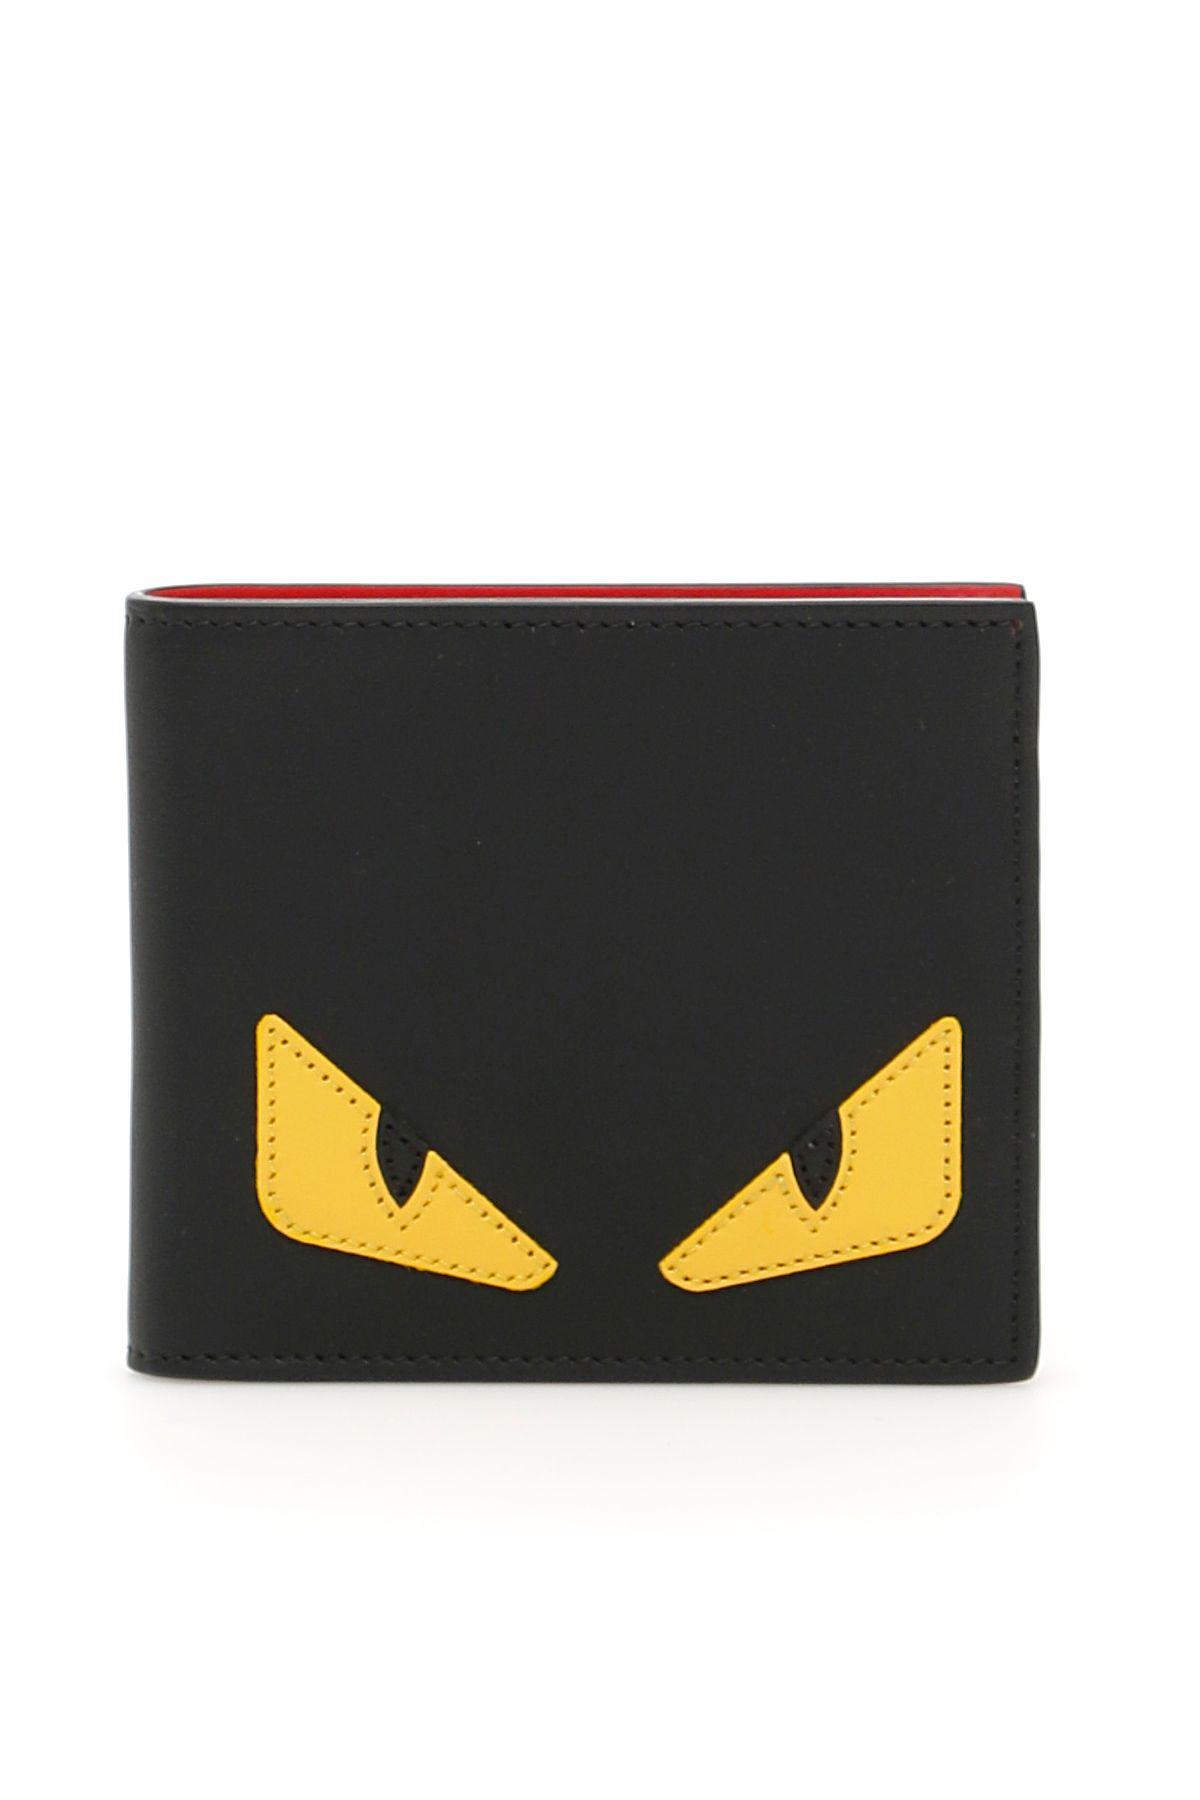 Century Calfskin Bag Bugs Wallet